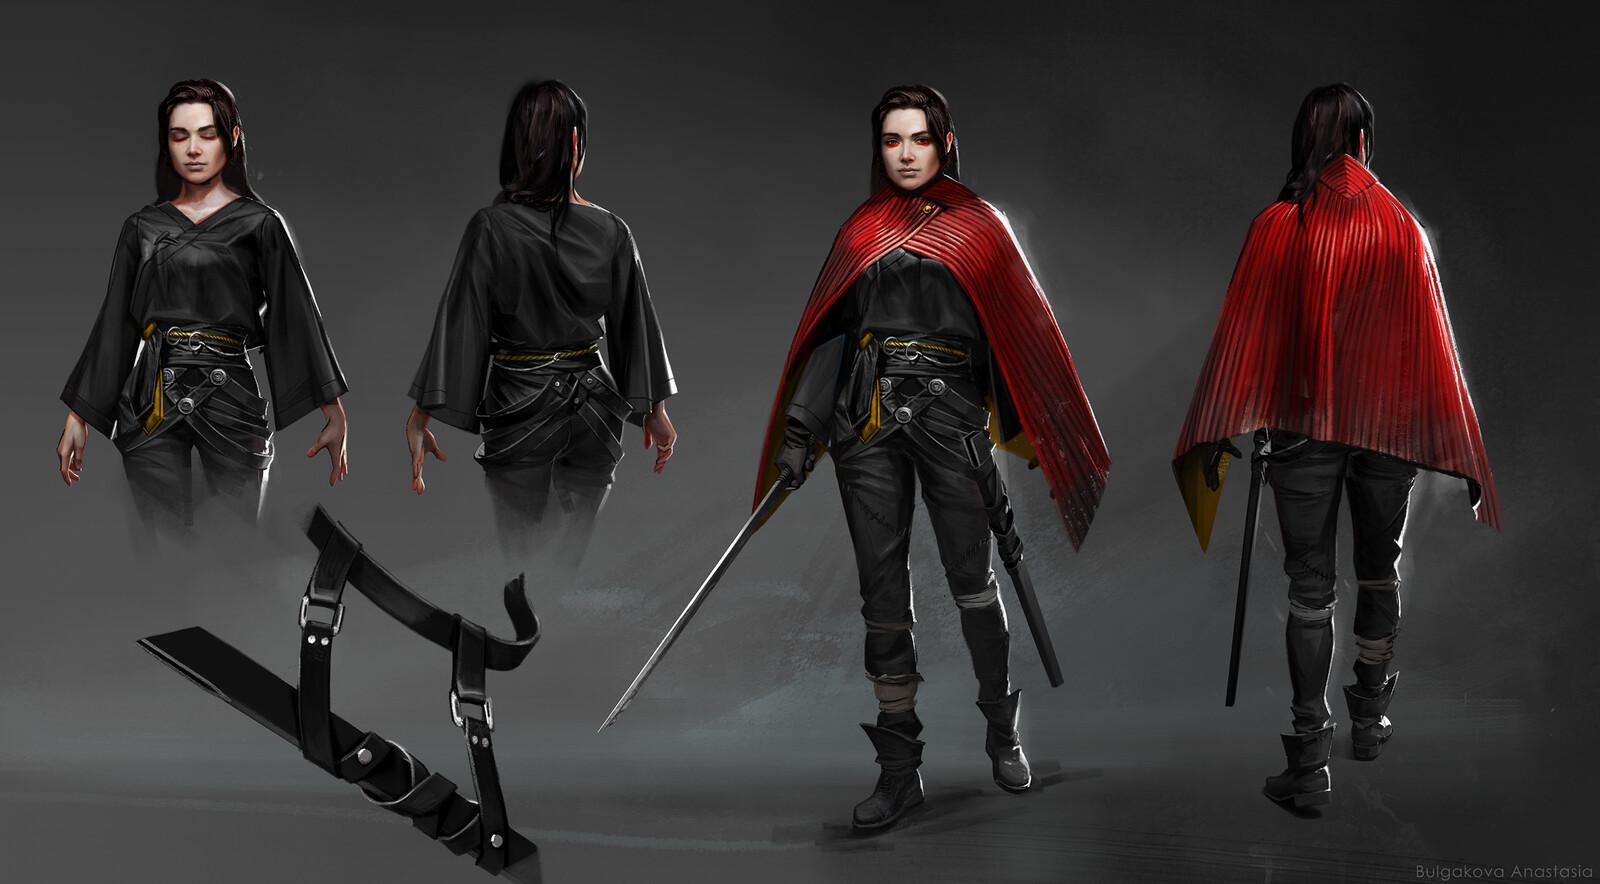 Character design: Saya